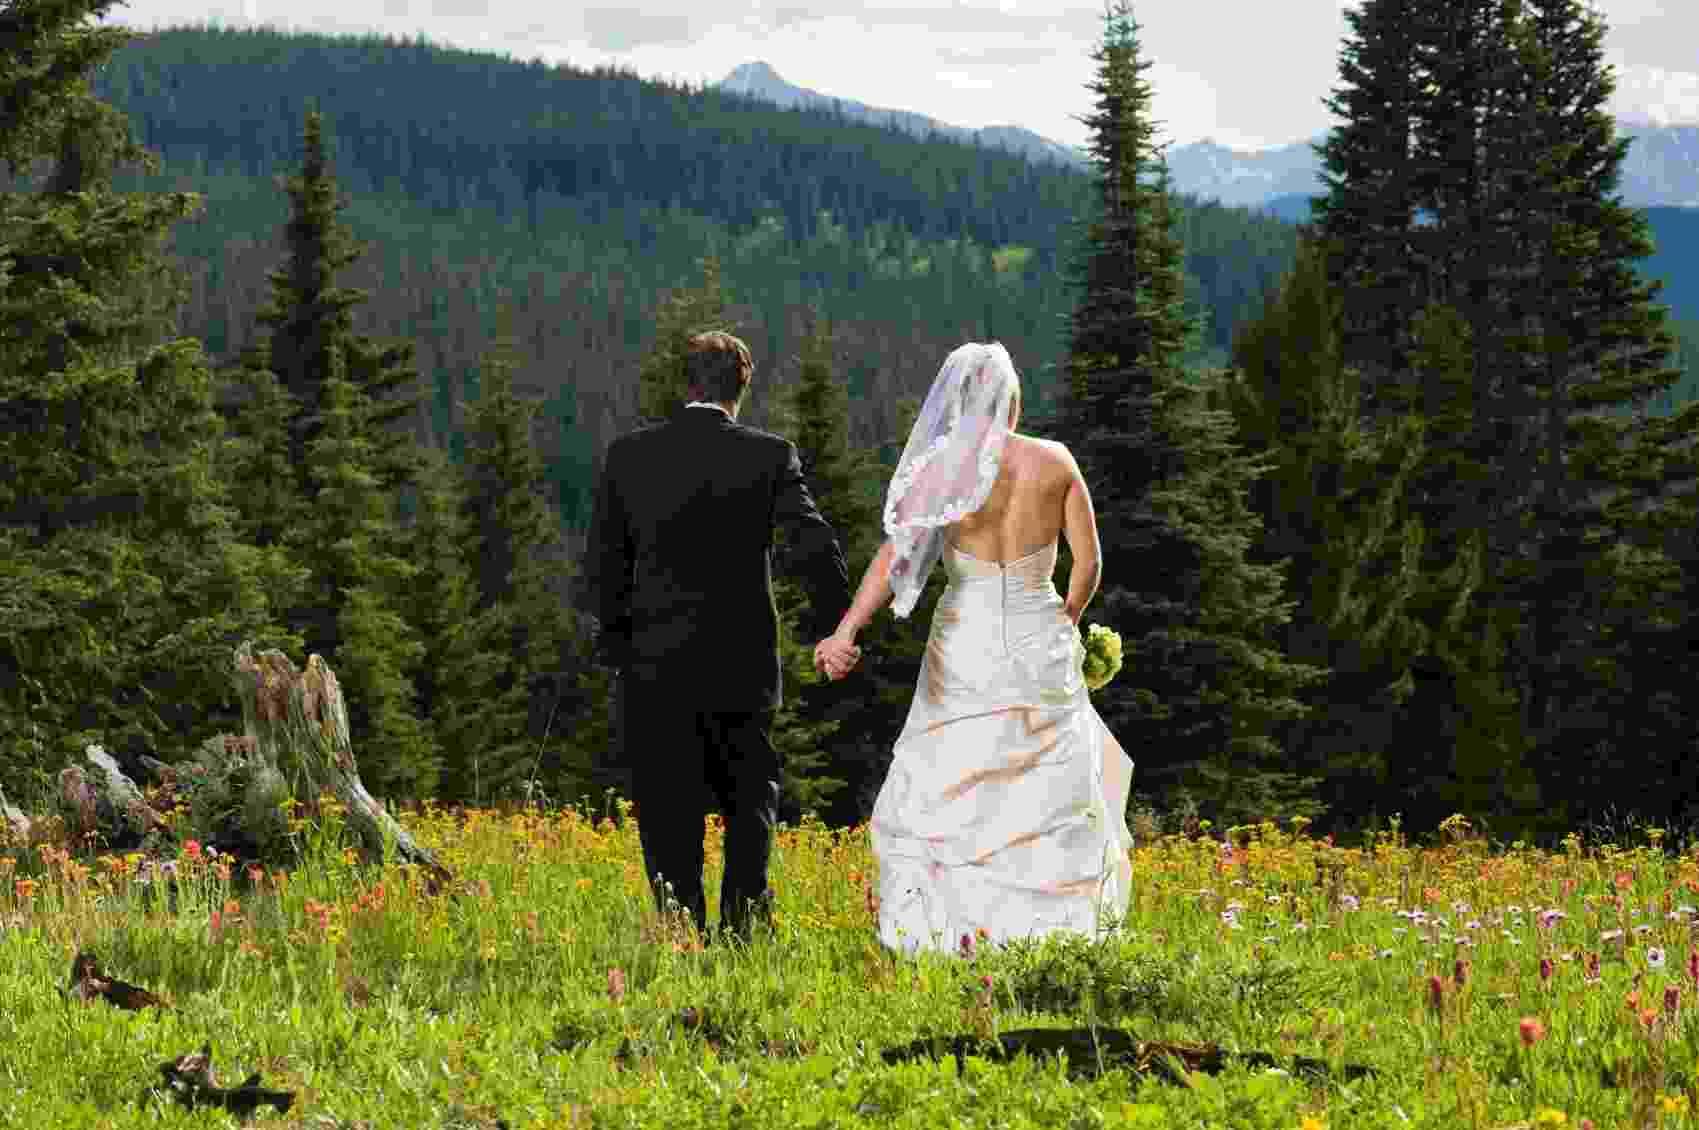 Abre matéria casamento - Getty Images